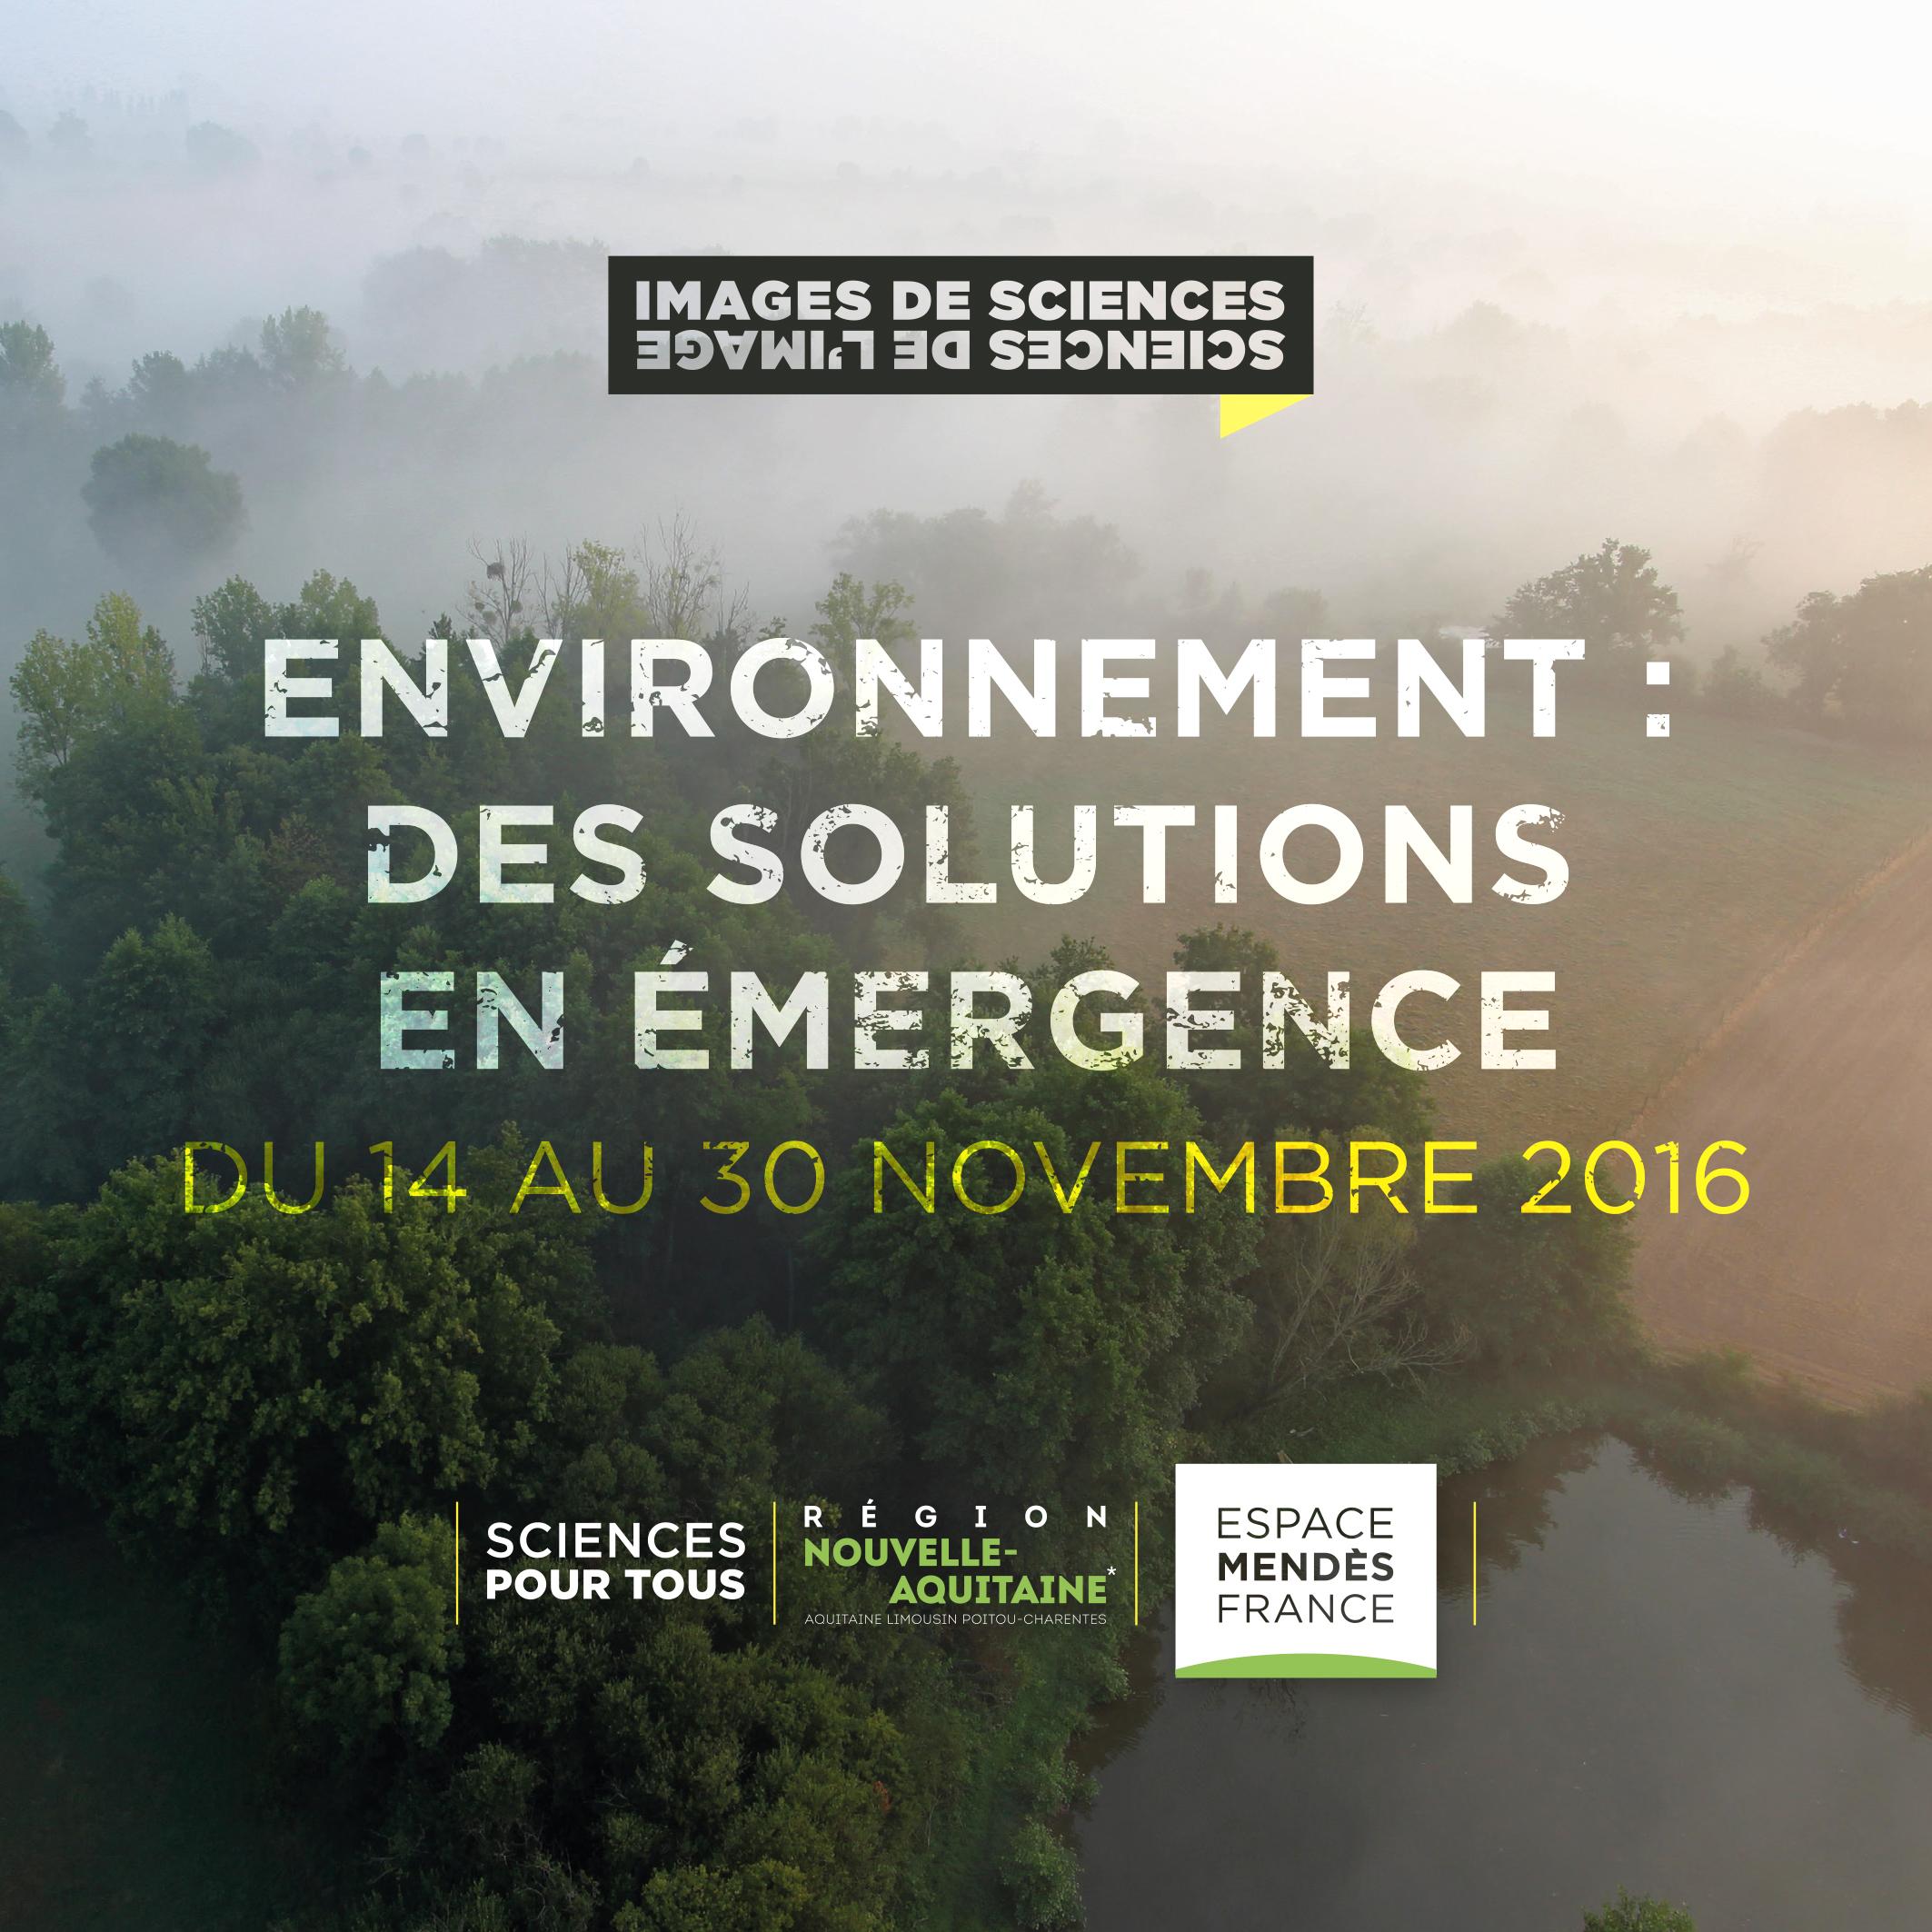 Édition 2016 de Images de sciences, sciences de l'image : Environnement : des solutions en émergence